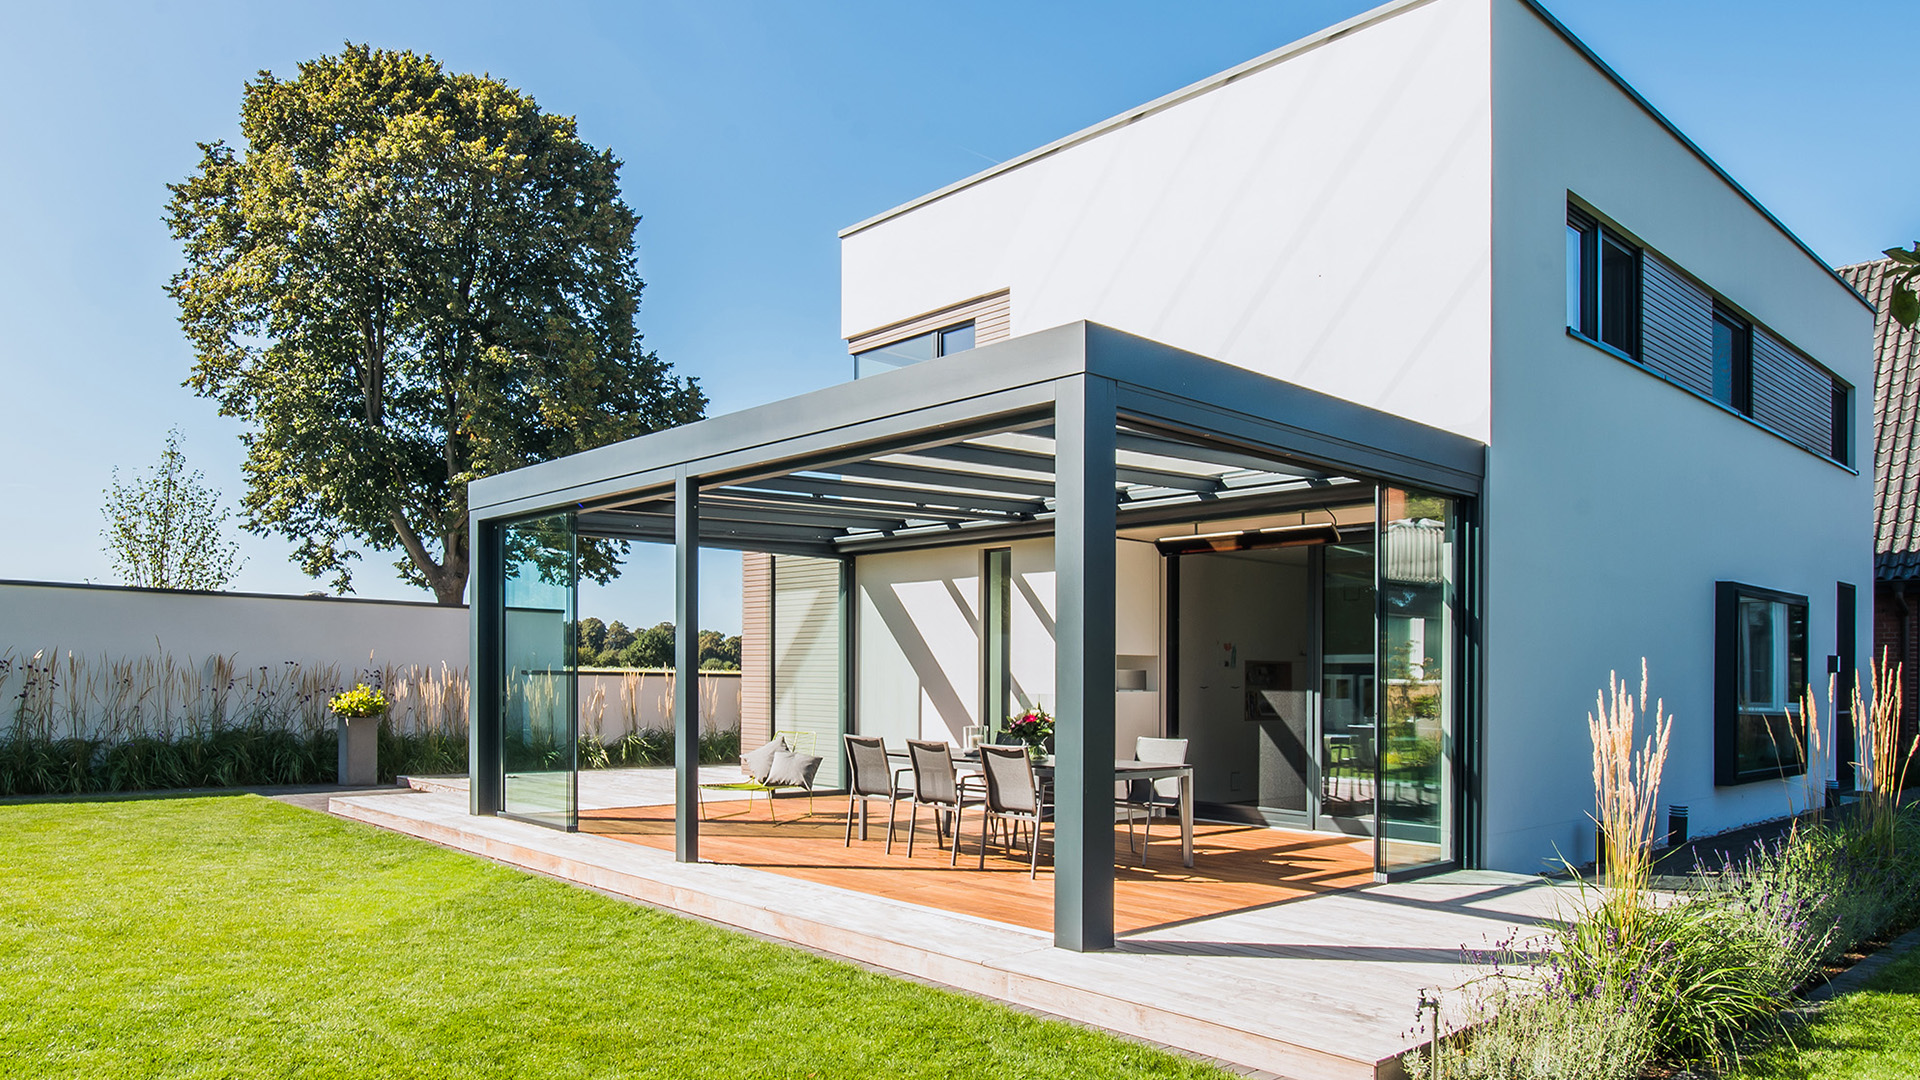 modernes Haus mit Solarlux SDL Acubis Terrassendach auf der Terrasse